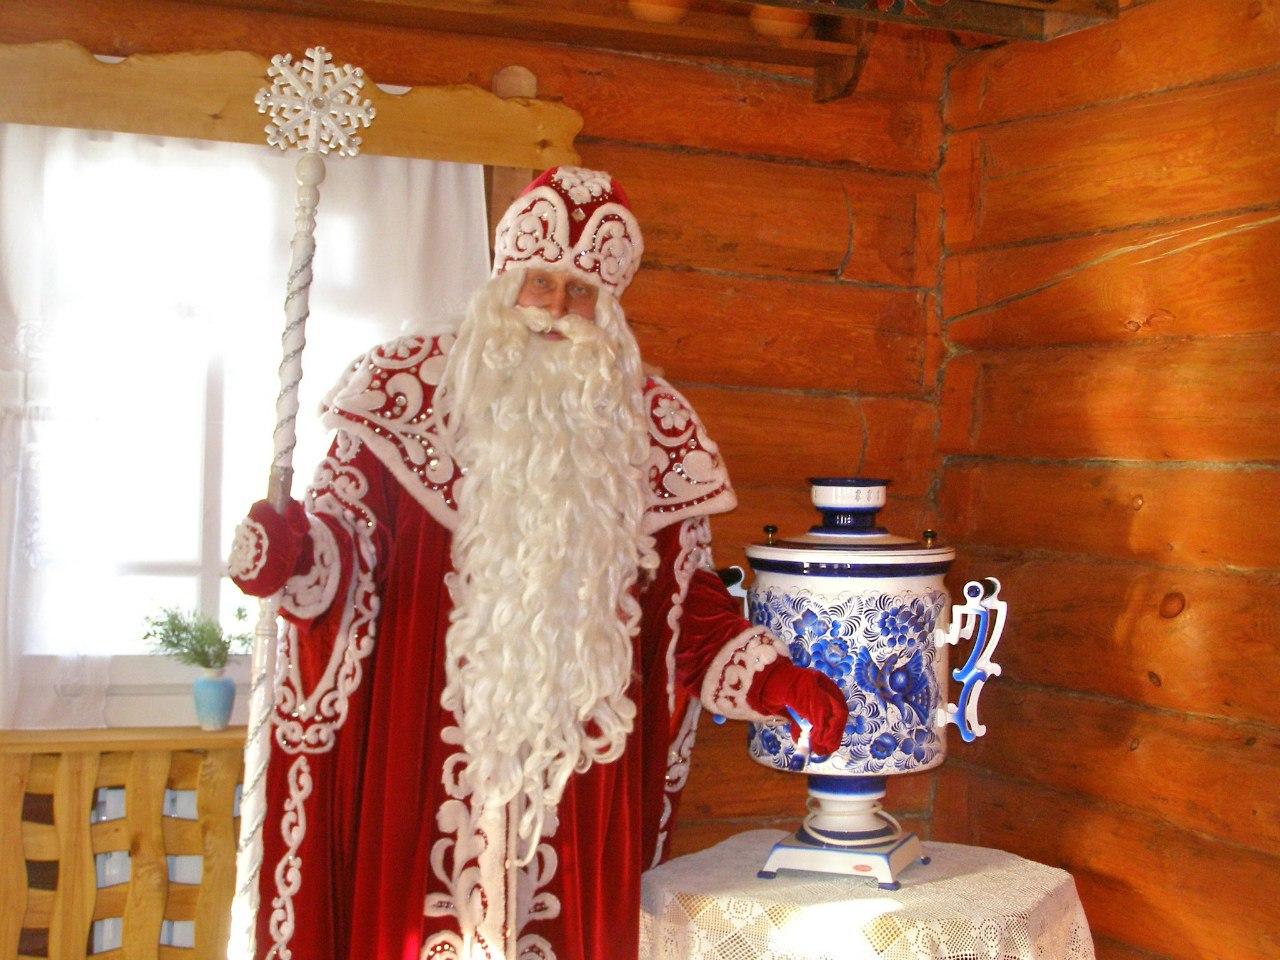 Достигнута договоренность с Костромской областью о запуске еще одного туристического маршрута